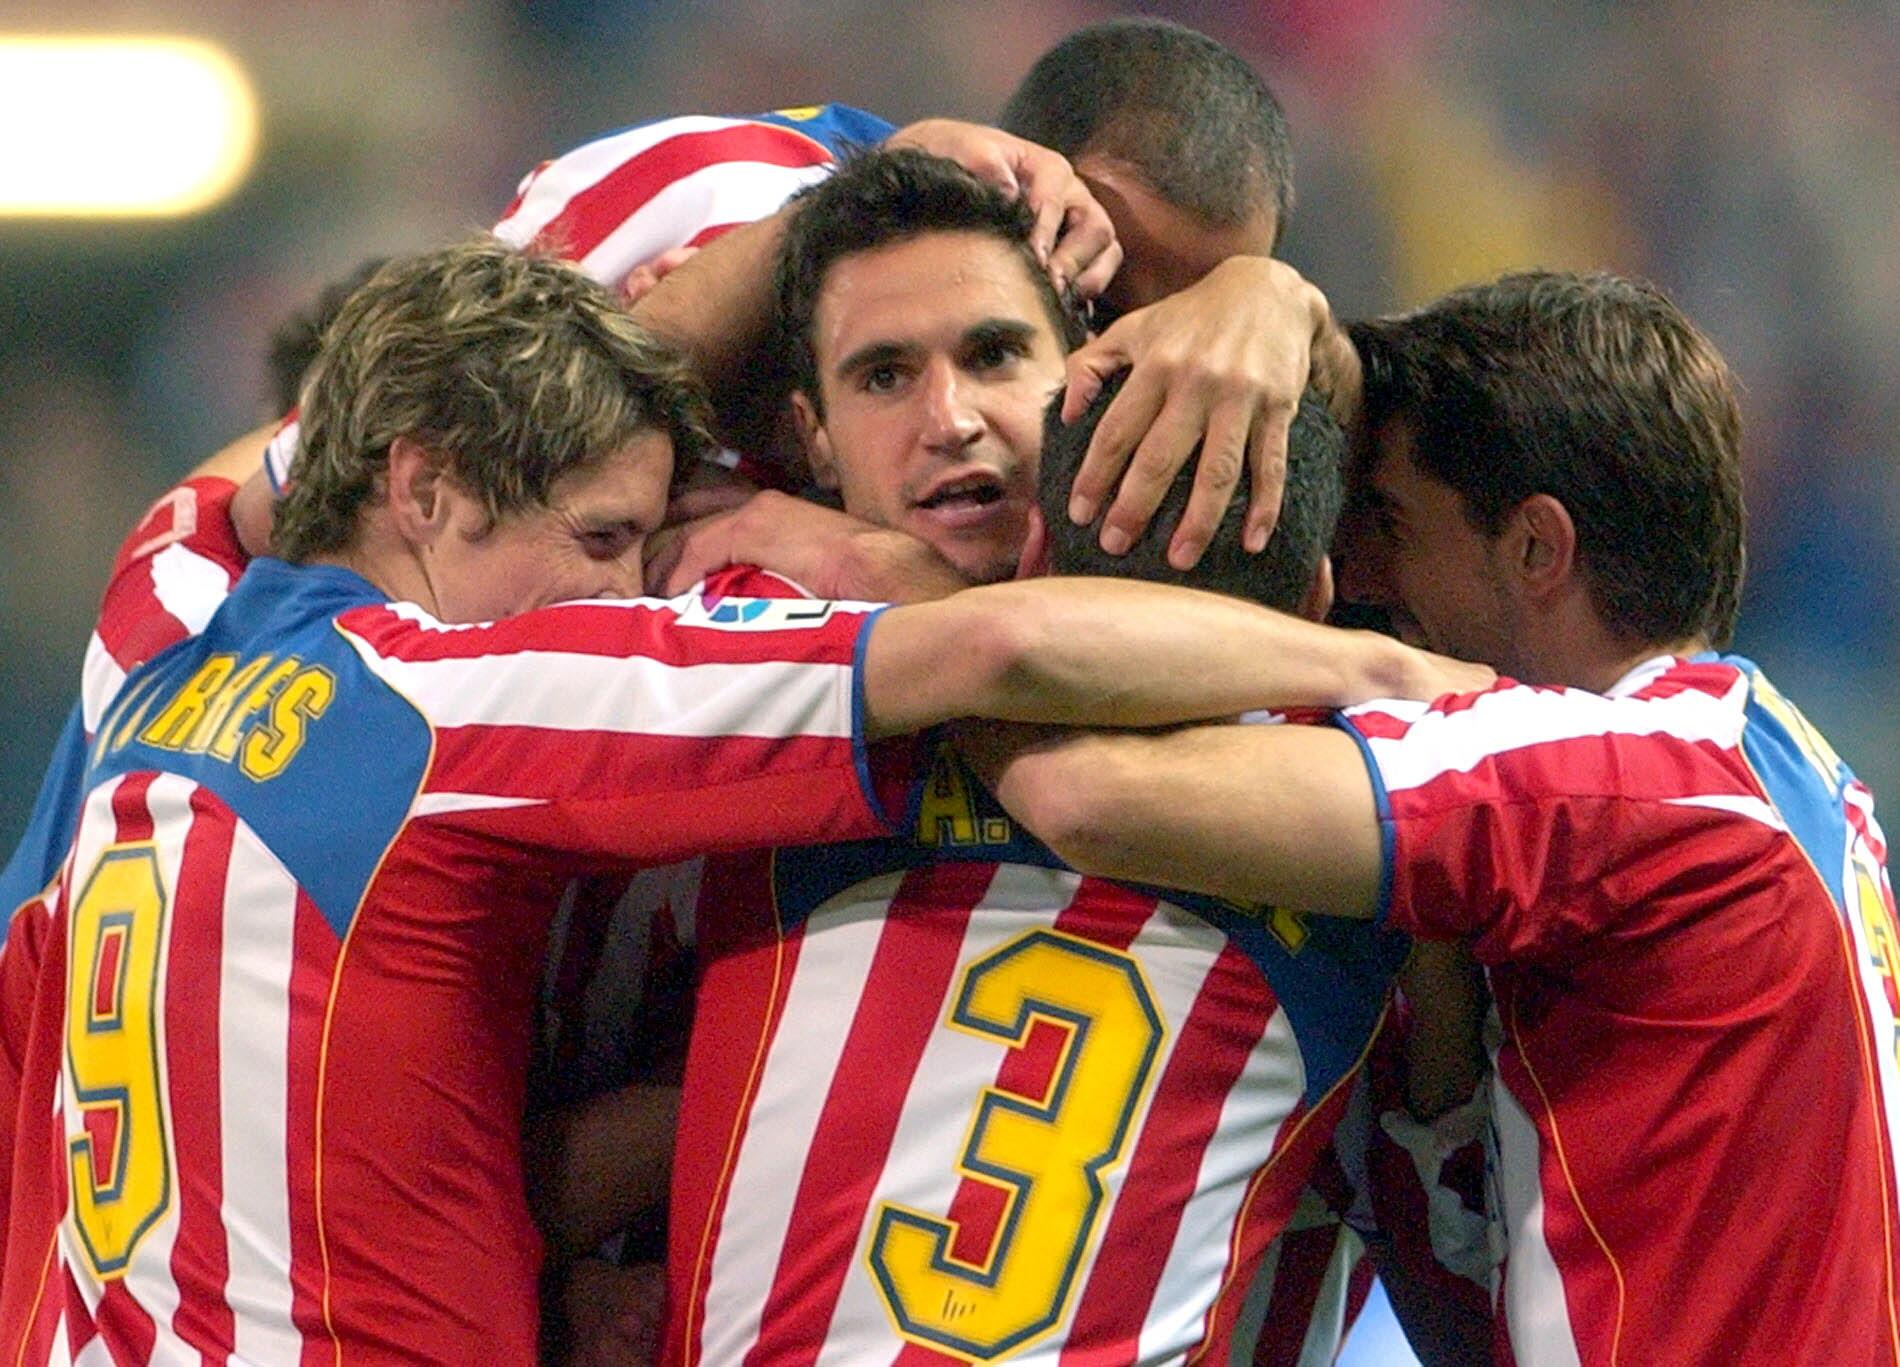 Pablo celebra un gol con el Atleti ante el Numancia en el Calderón en 2004 (Archivo 20minutos).